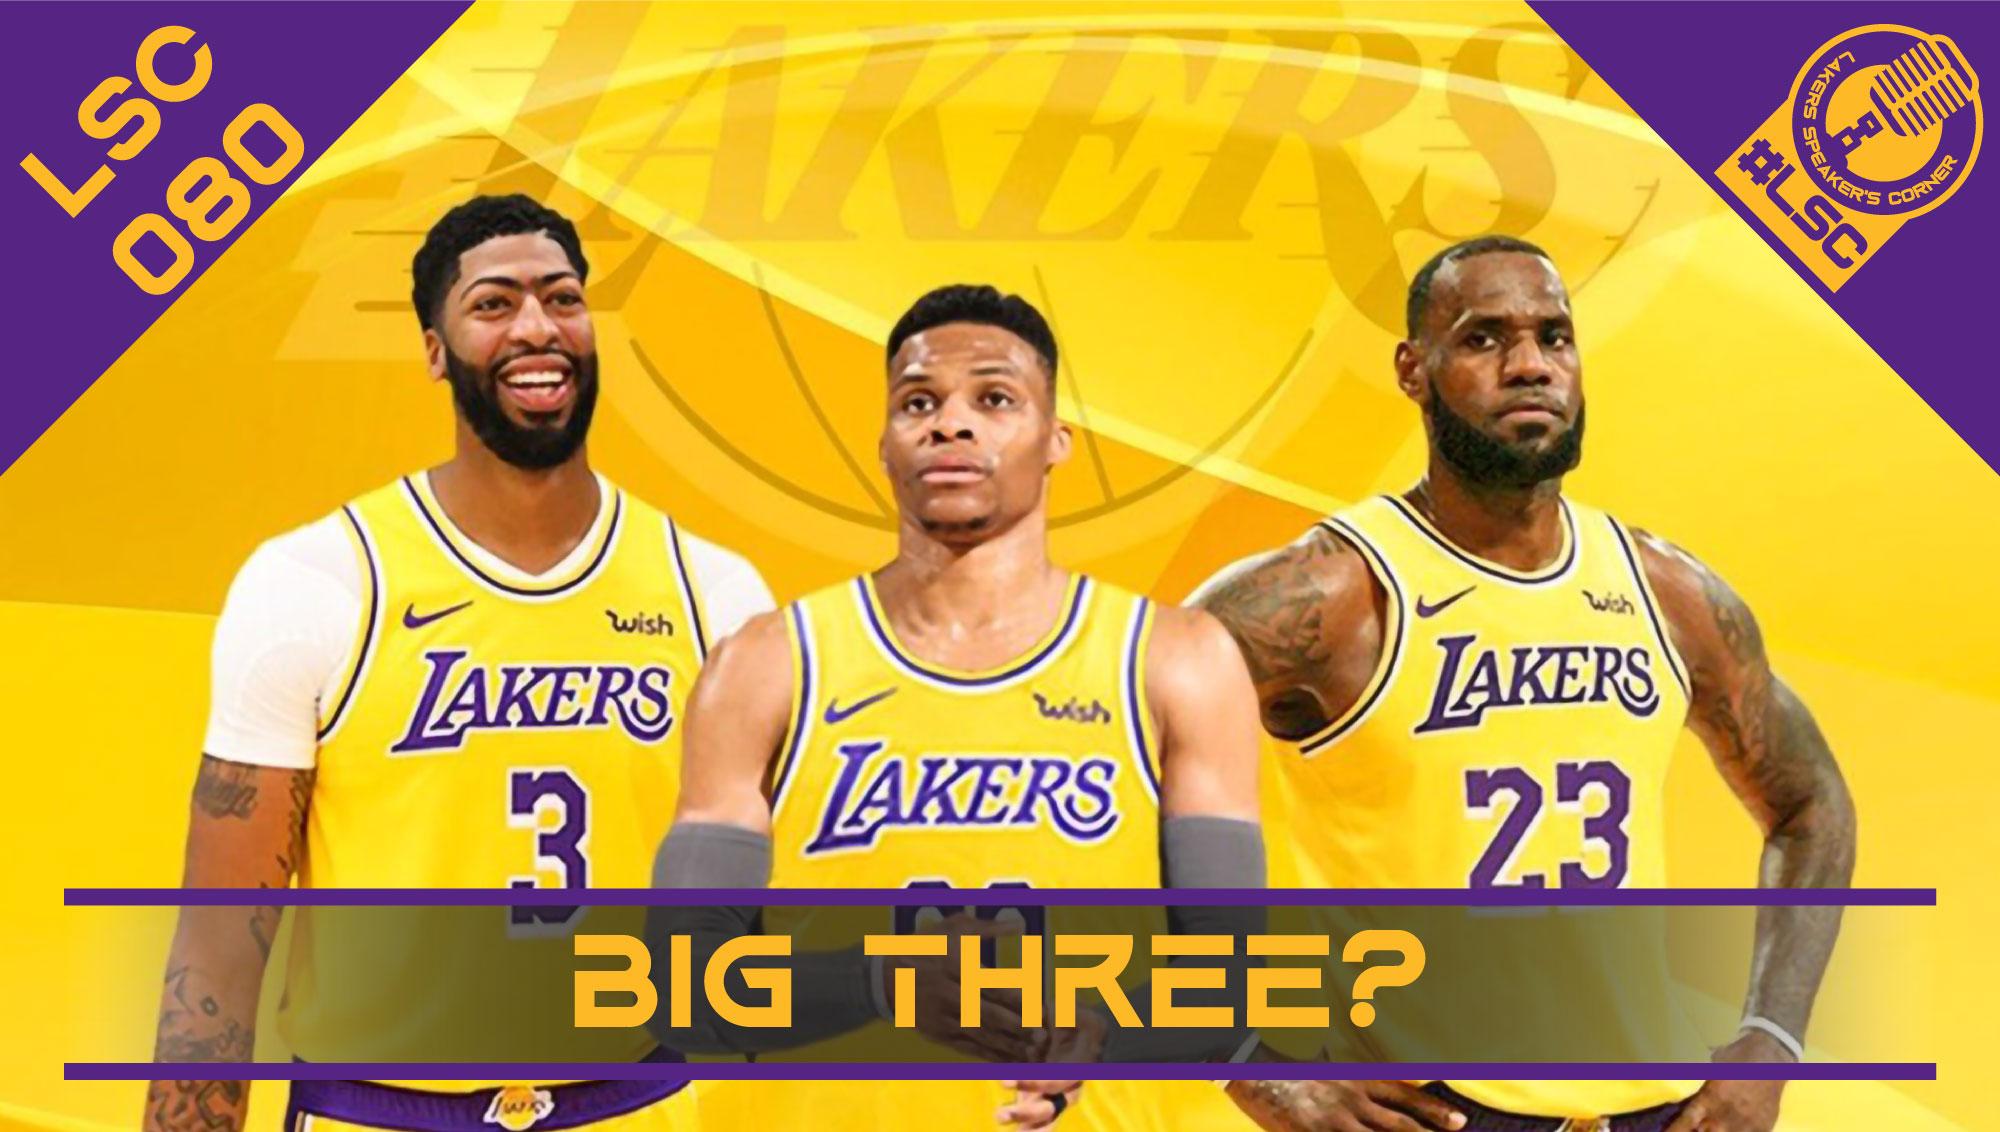 Il clamoroso arrivo di Russell Westbrook ai Los Angeles Lakers, la trade con i Washington Wizards e il futuro del mercato gialloviola.